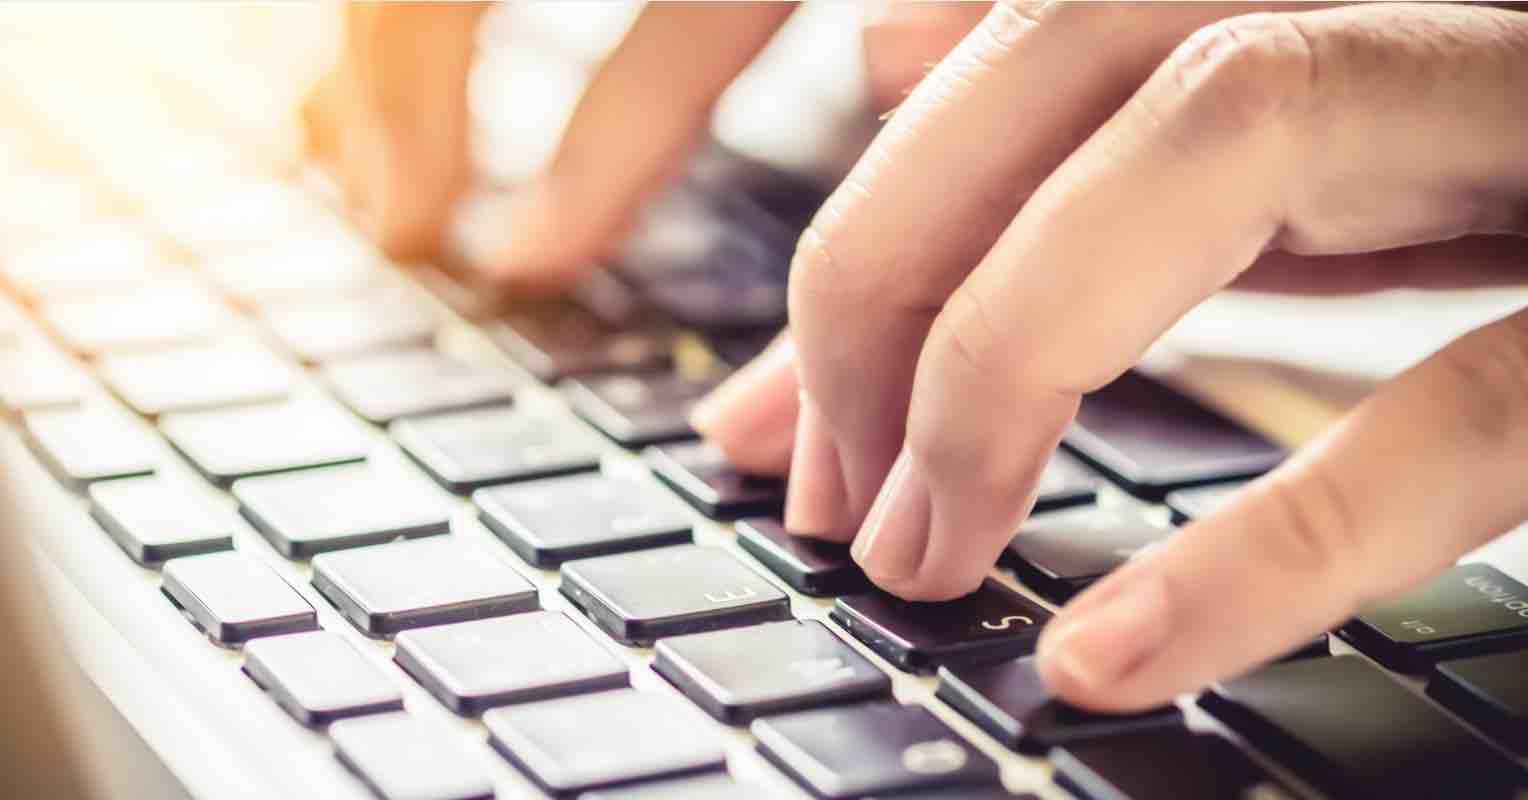 Sống gần nửa đời người tôi mới biết vì sao bàn phím máy tính không sắp xếp theo thứ tự ABC, lý do cực kỳ thú vị! - Ảnh 2.